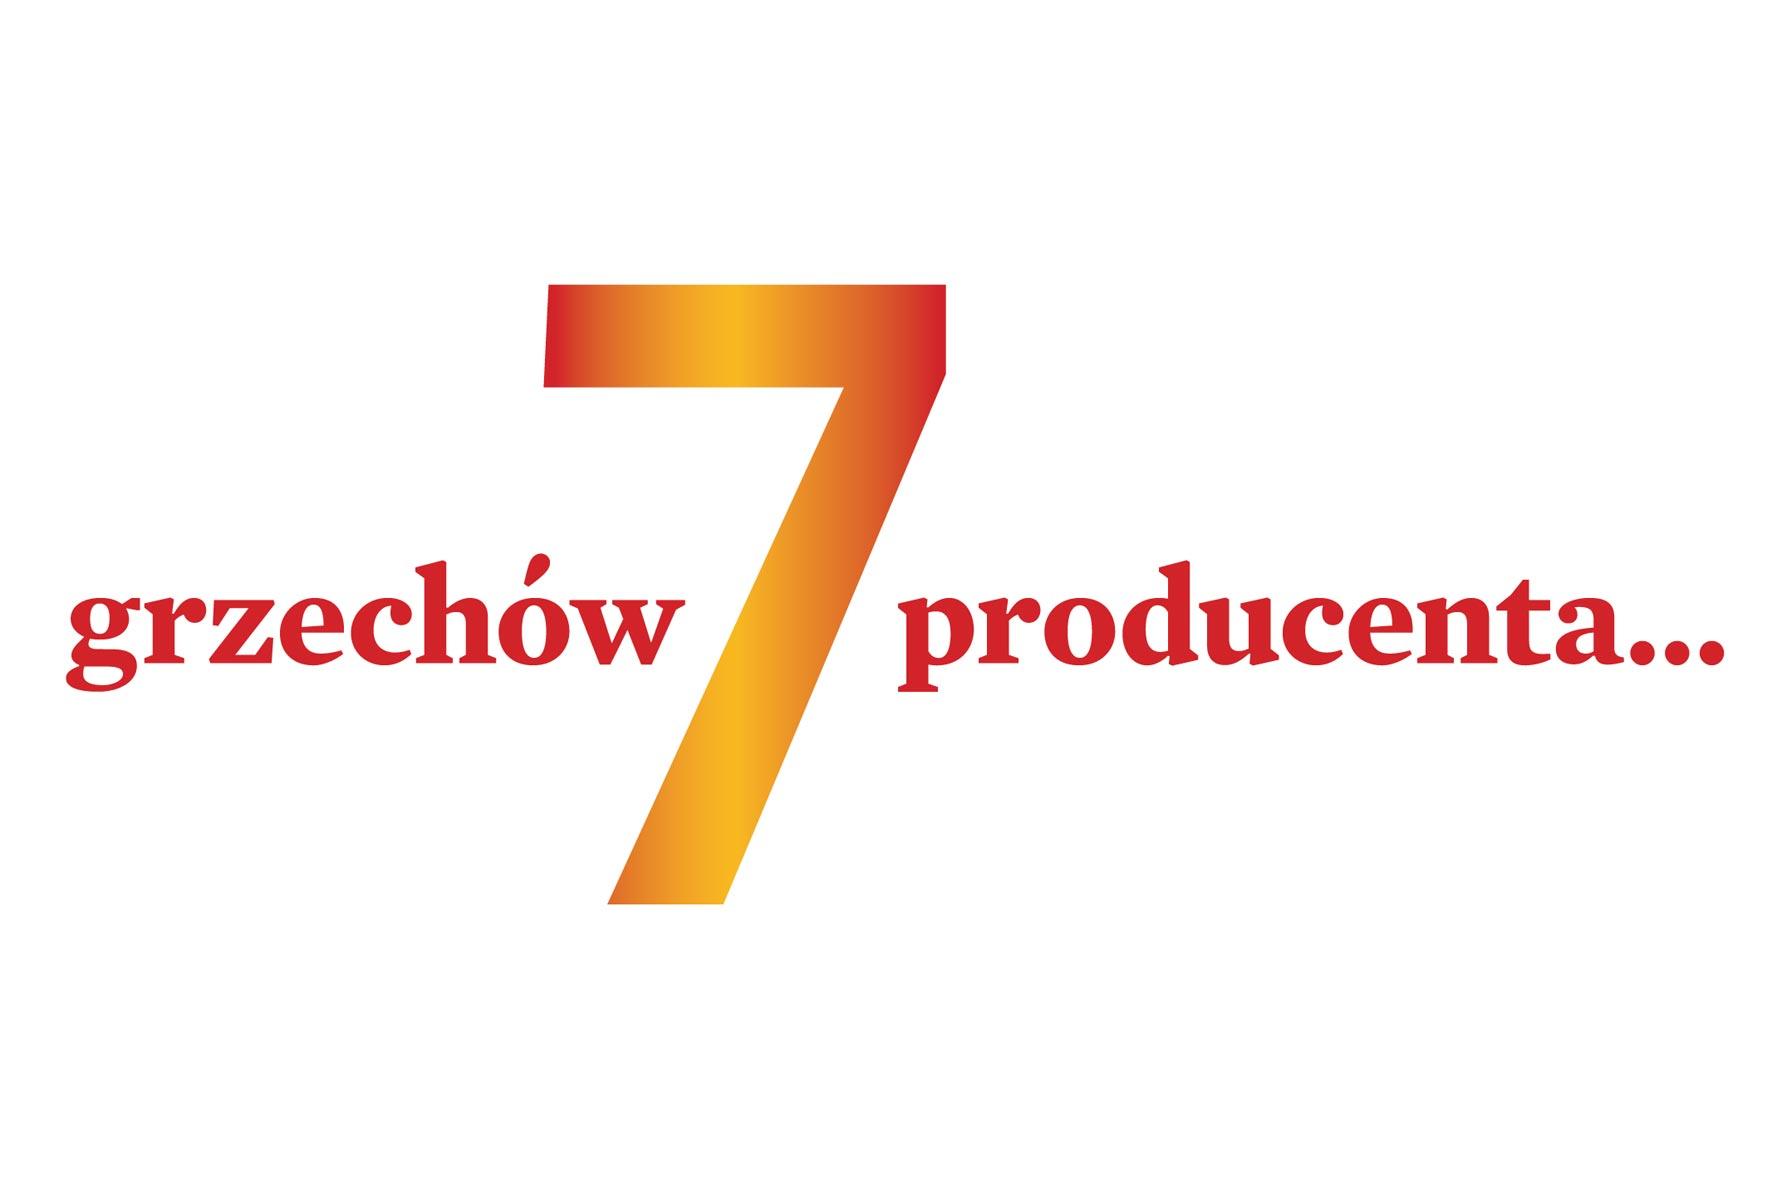 7 grzechów producenta… czyli za co partner nie lubi swojego dostawcy